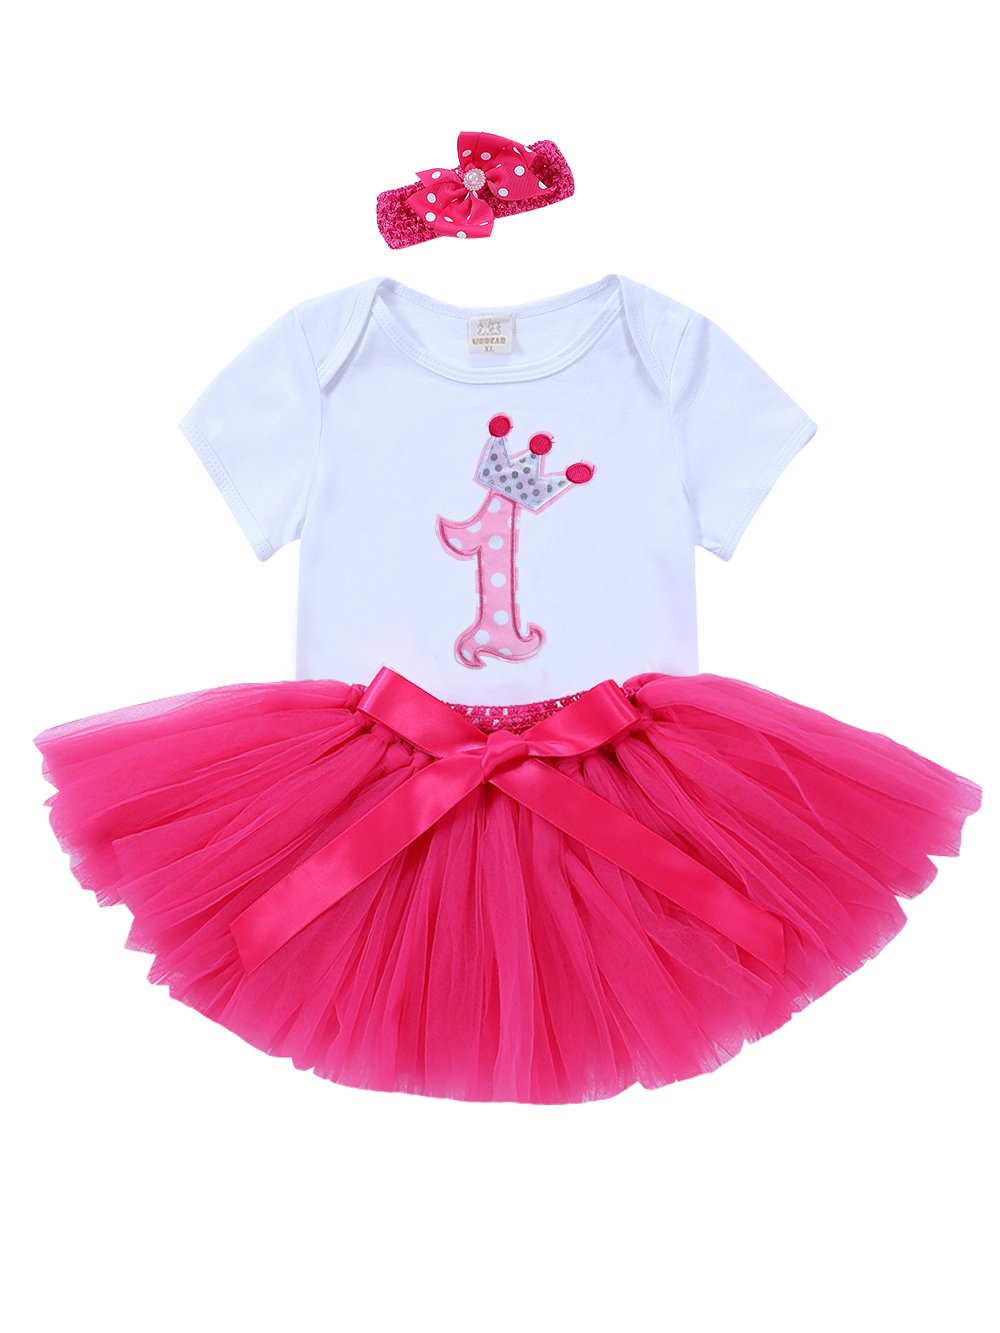 URBEAR 3pcs Baby Girls primo tutu di compleanno + pagliaccetto + cerchietto Rose Rosso 1st Birthday tutù Set, 12-24 mese A80602MH-D1XL